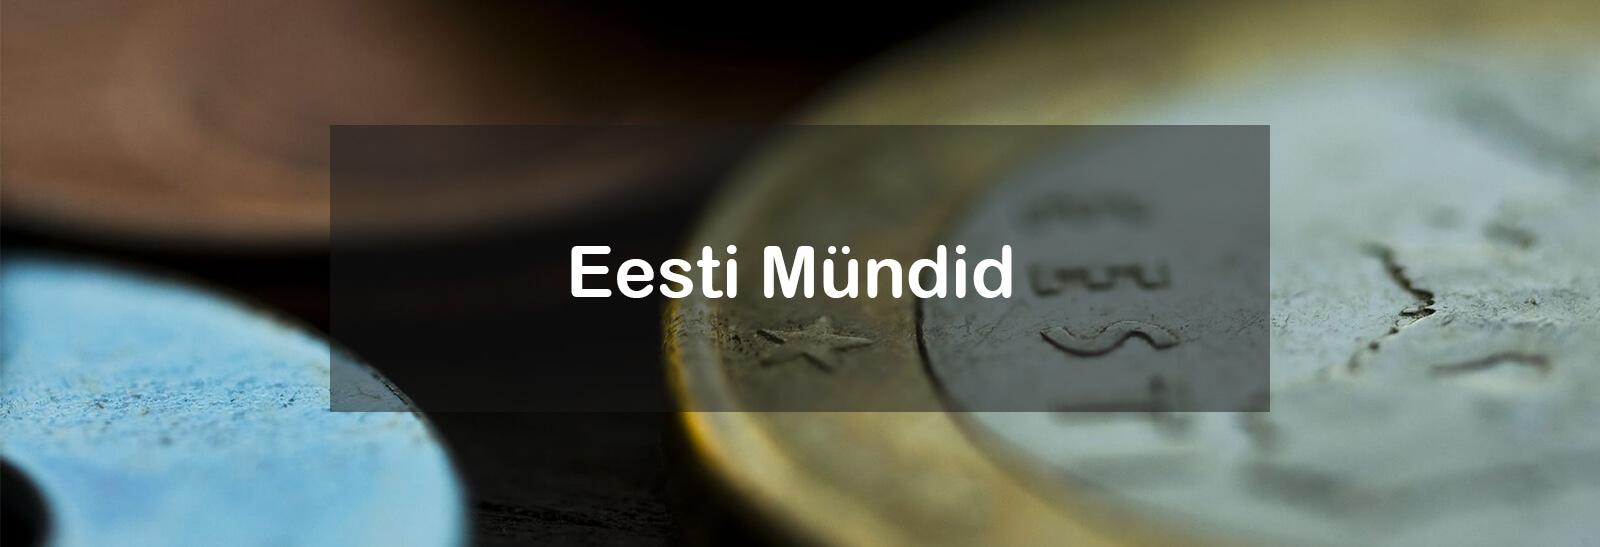 Eesti Mündid